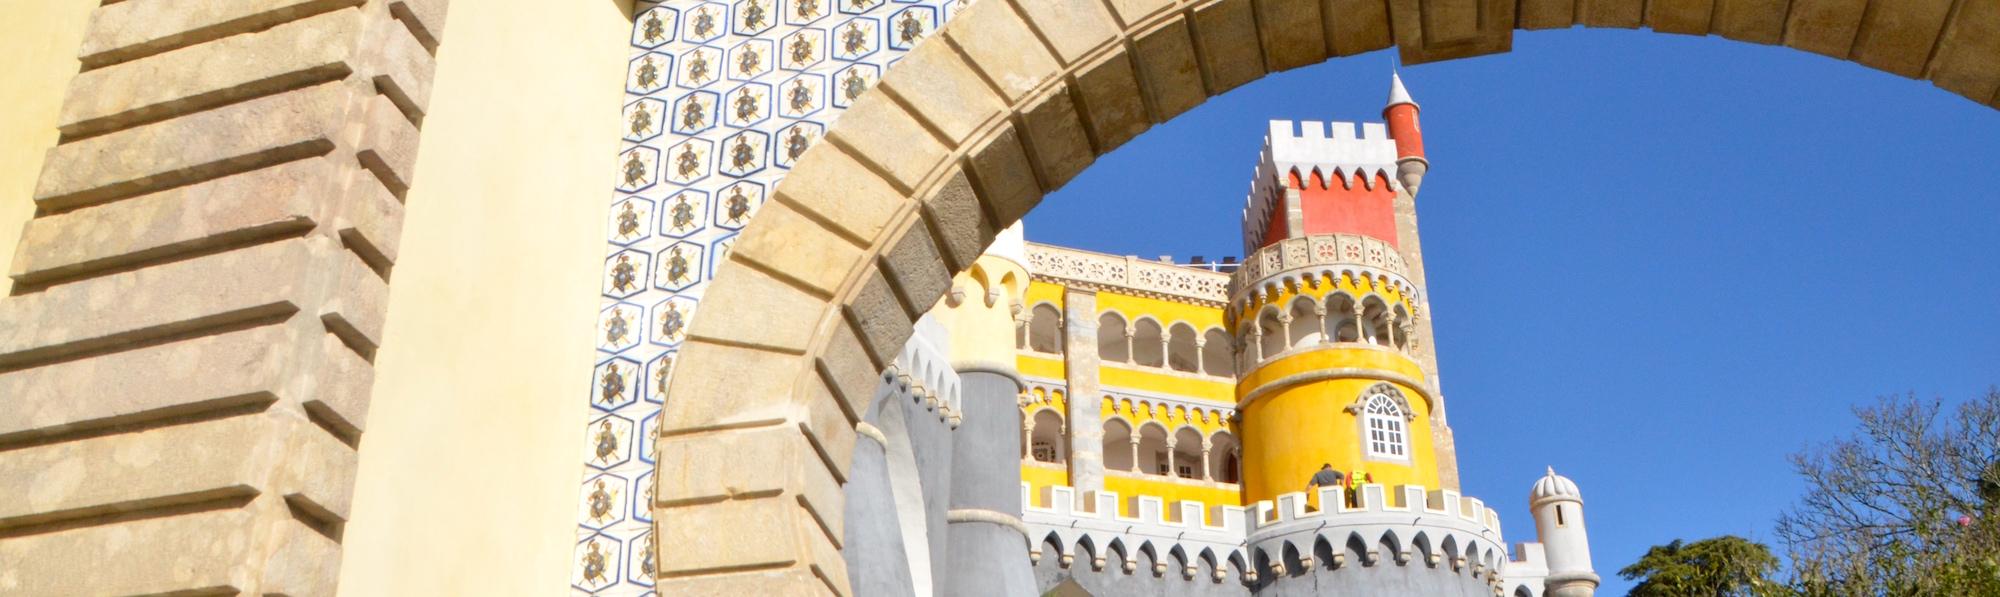 Palacio da Pena Abjao1, Sintra